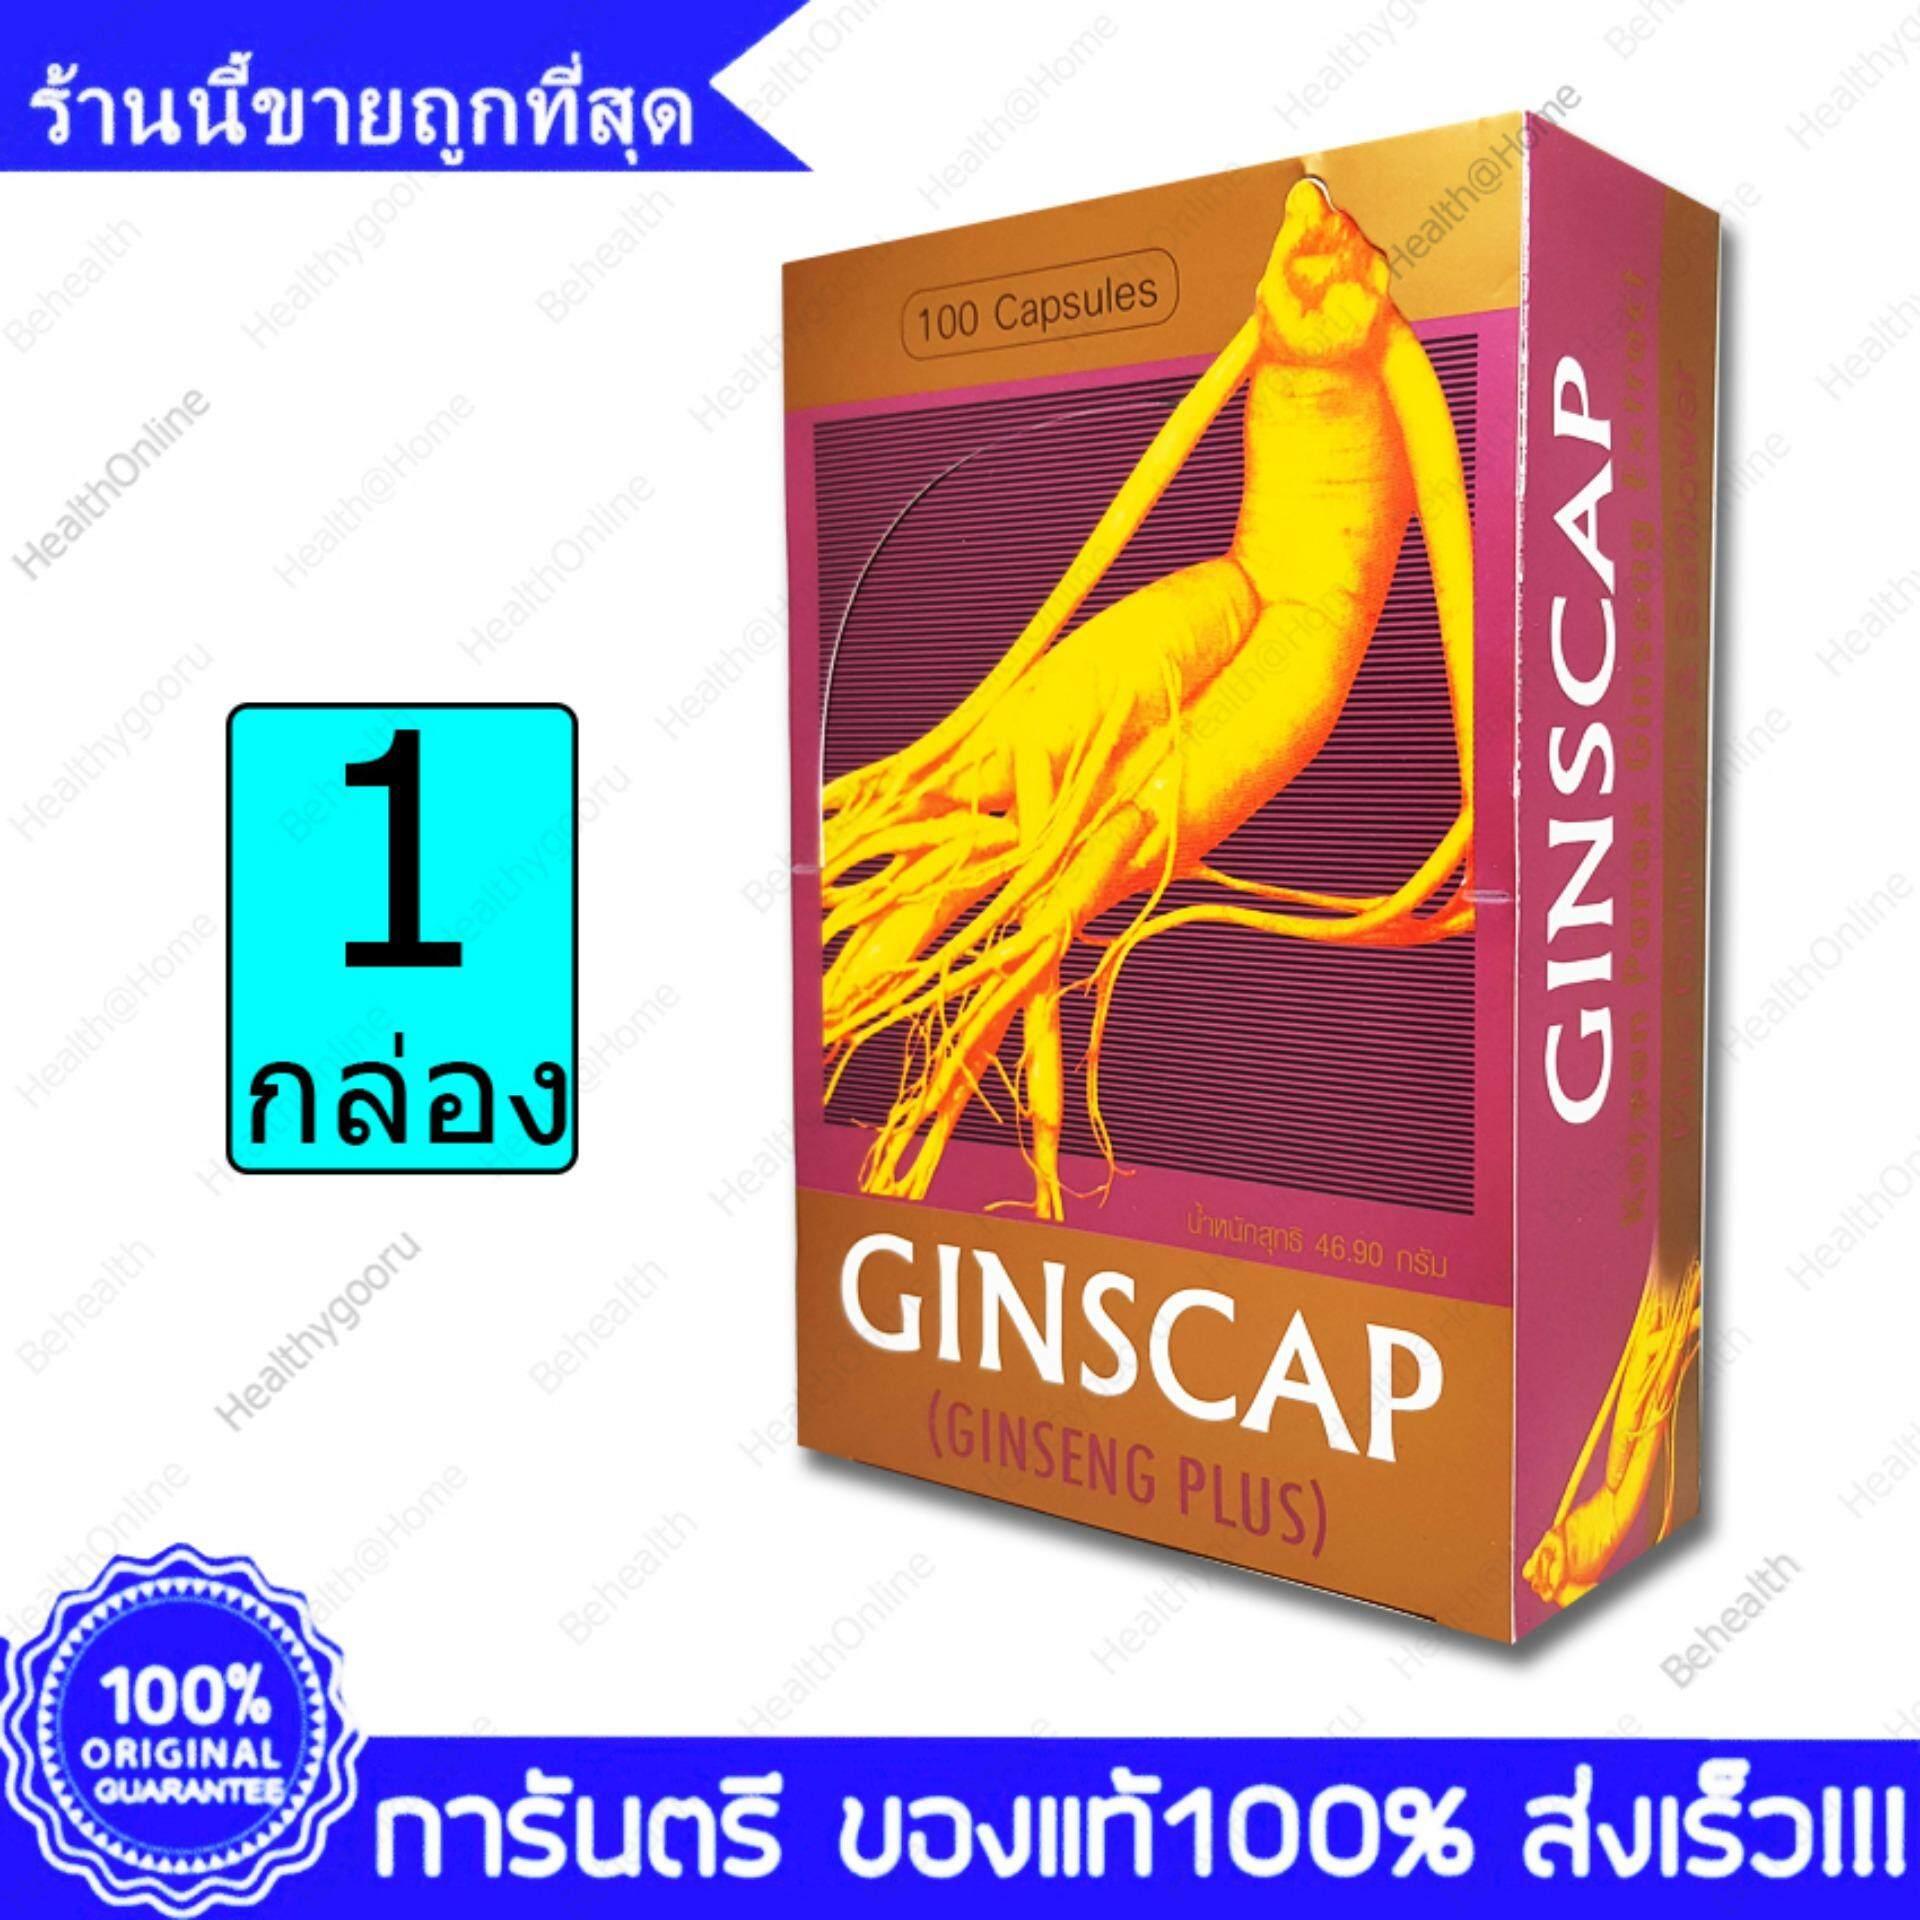 โสม สกัด ผสม กระชาย และ ดอกคำฝอย จินซ์แคป Ginscap Ginseng Plus Galingele & Safflower 100 Capsules  X 1 Box